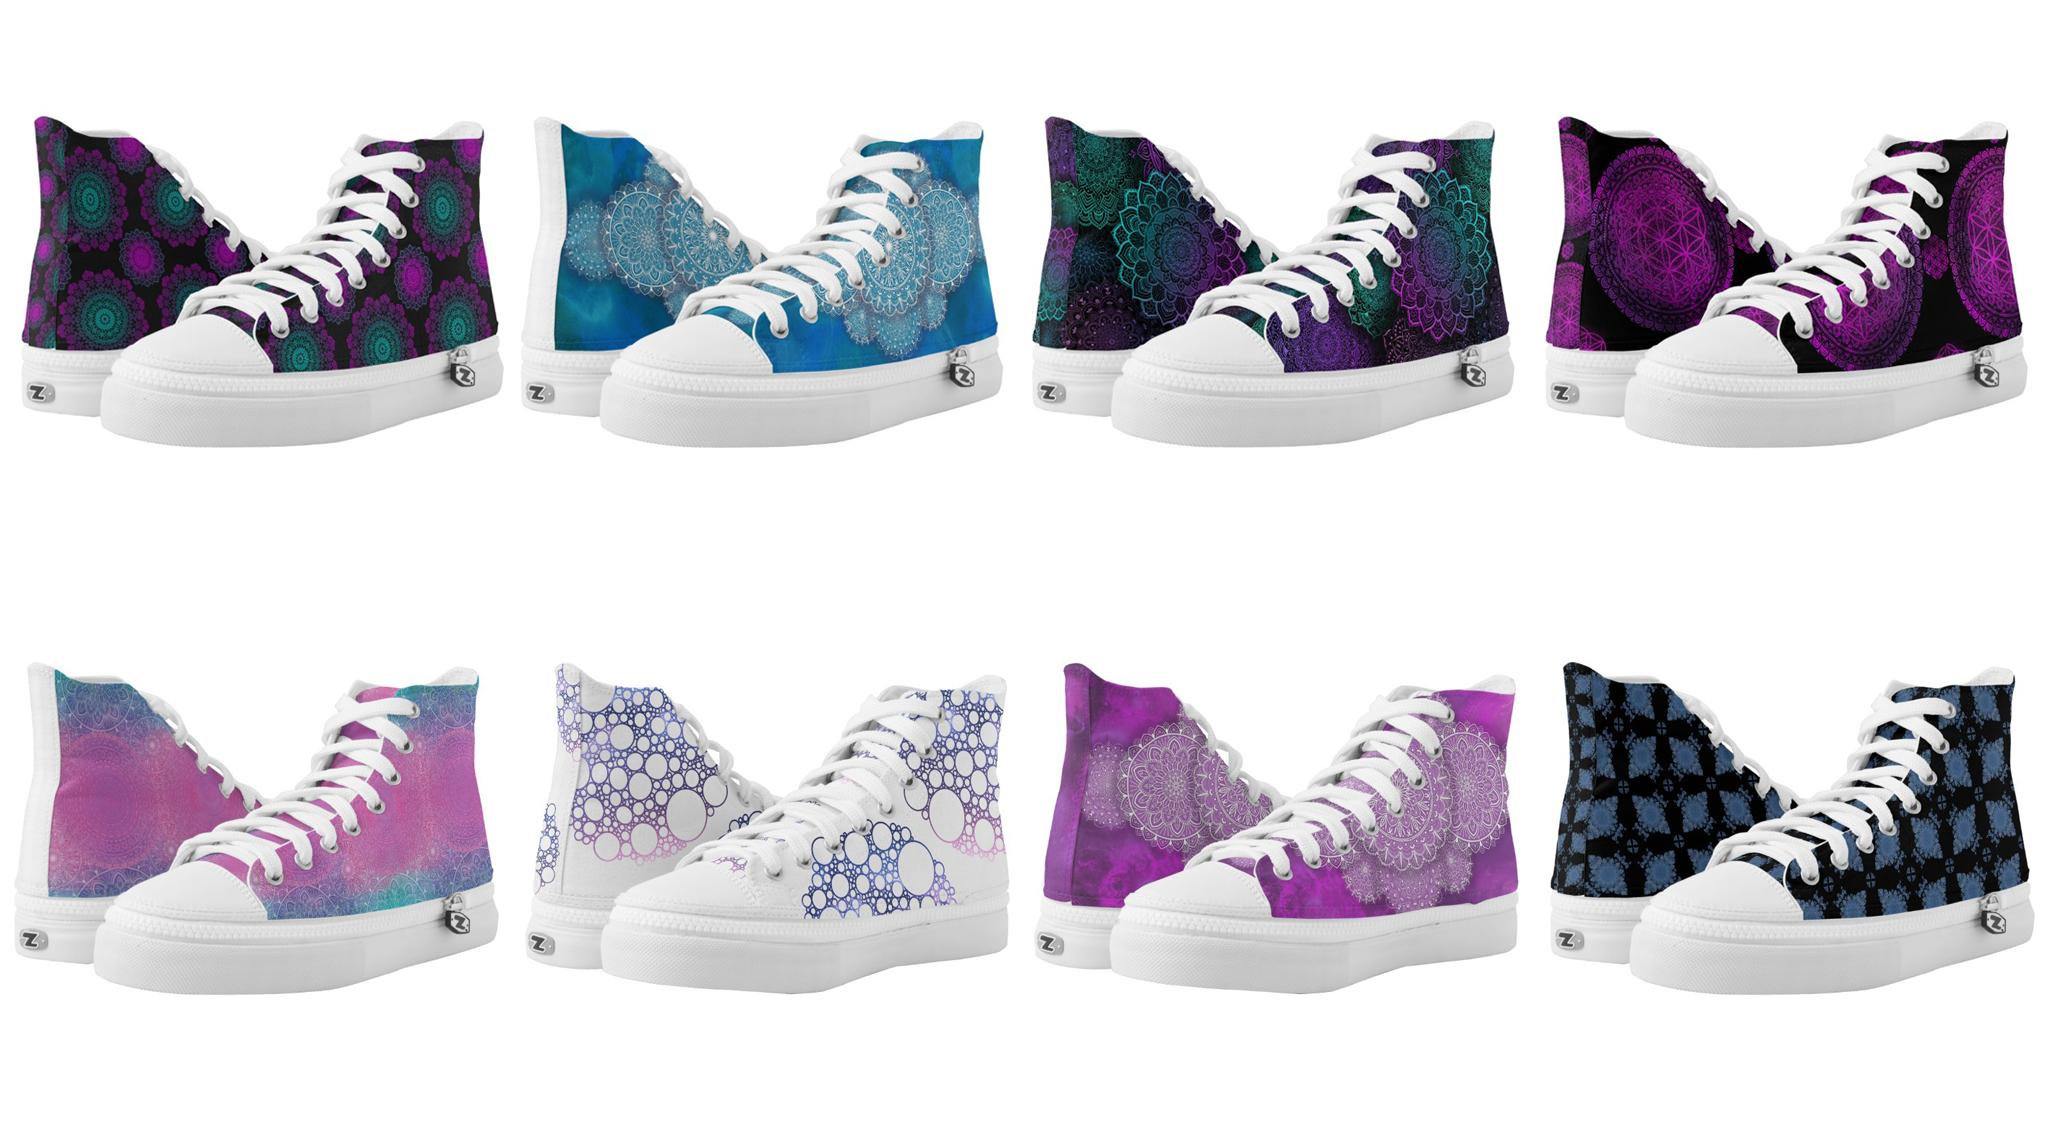 collectie sneakers van KreaKat op Zazzle